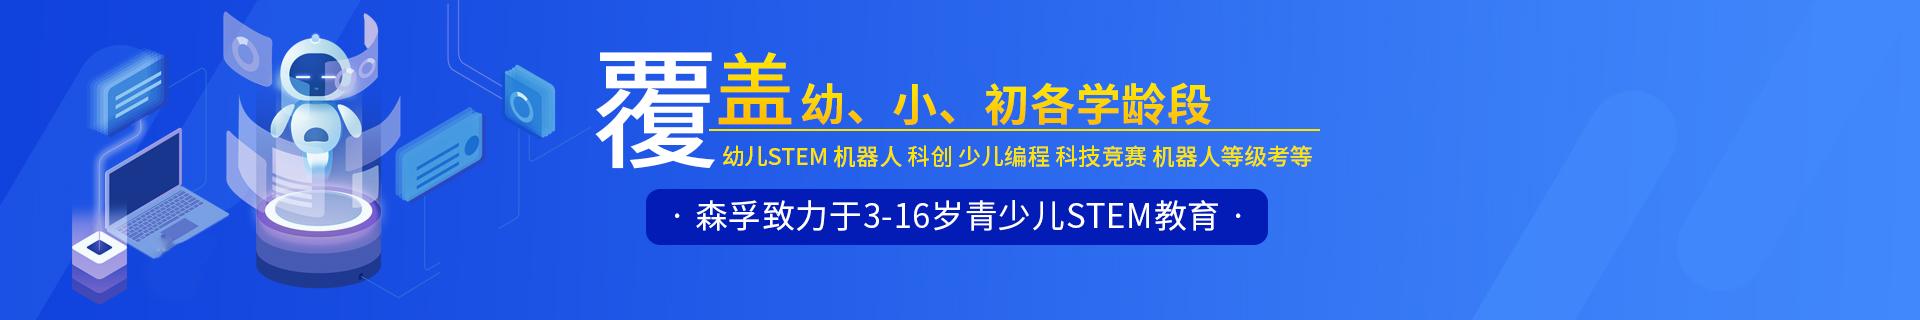 上海浦东八佰伴森孚青少儿机器人编程